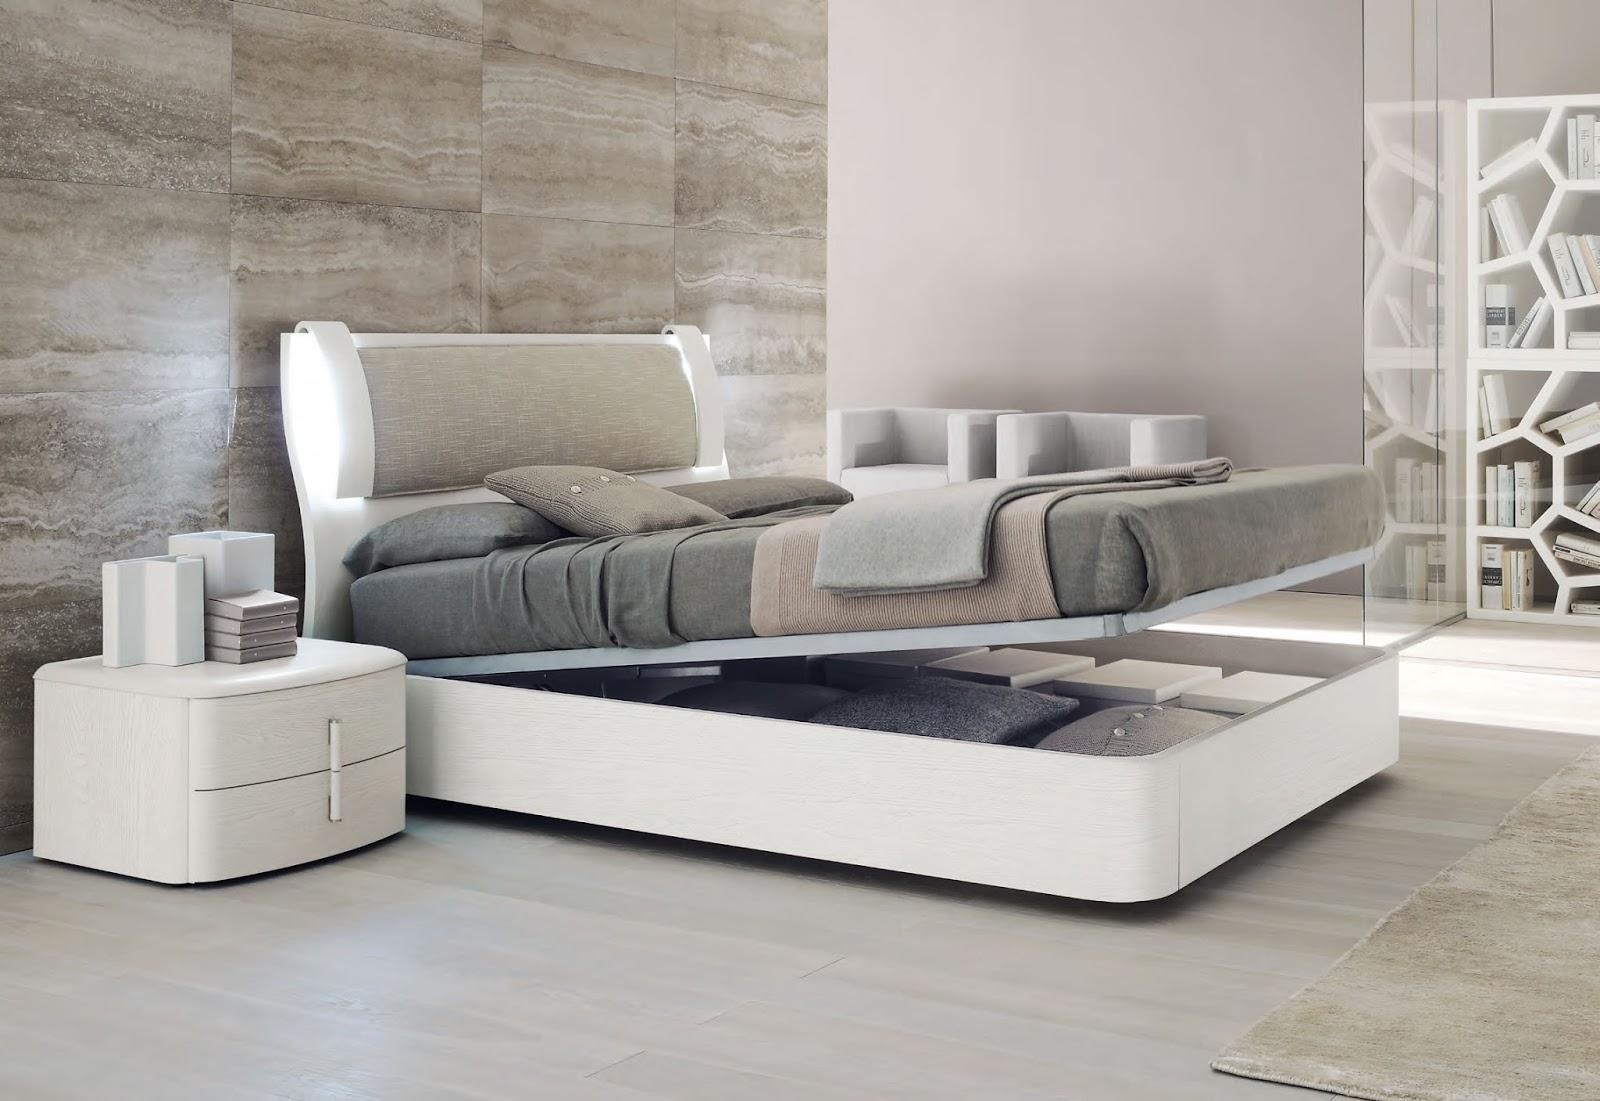 Modern Bedroom Furniture: The Platform Style